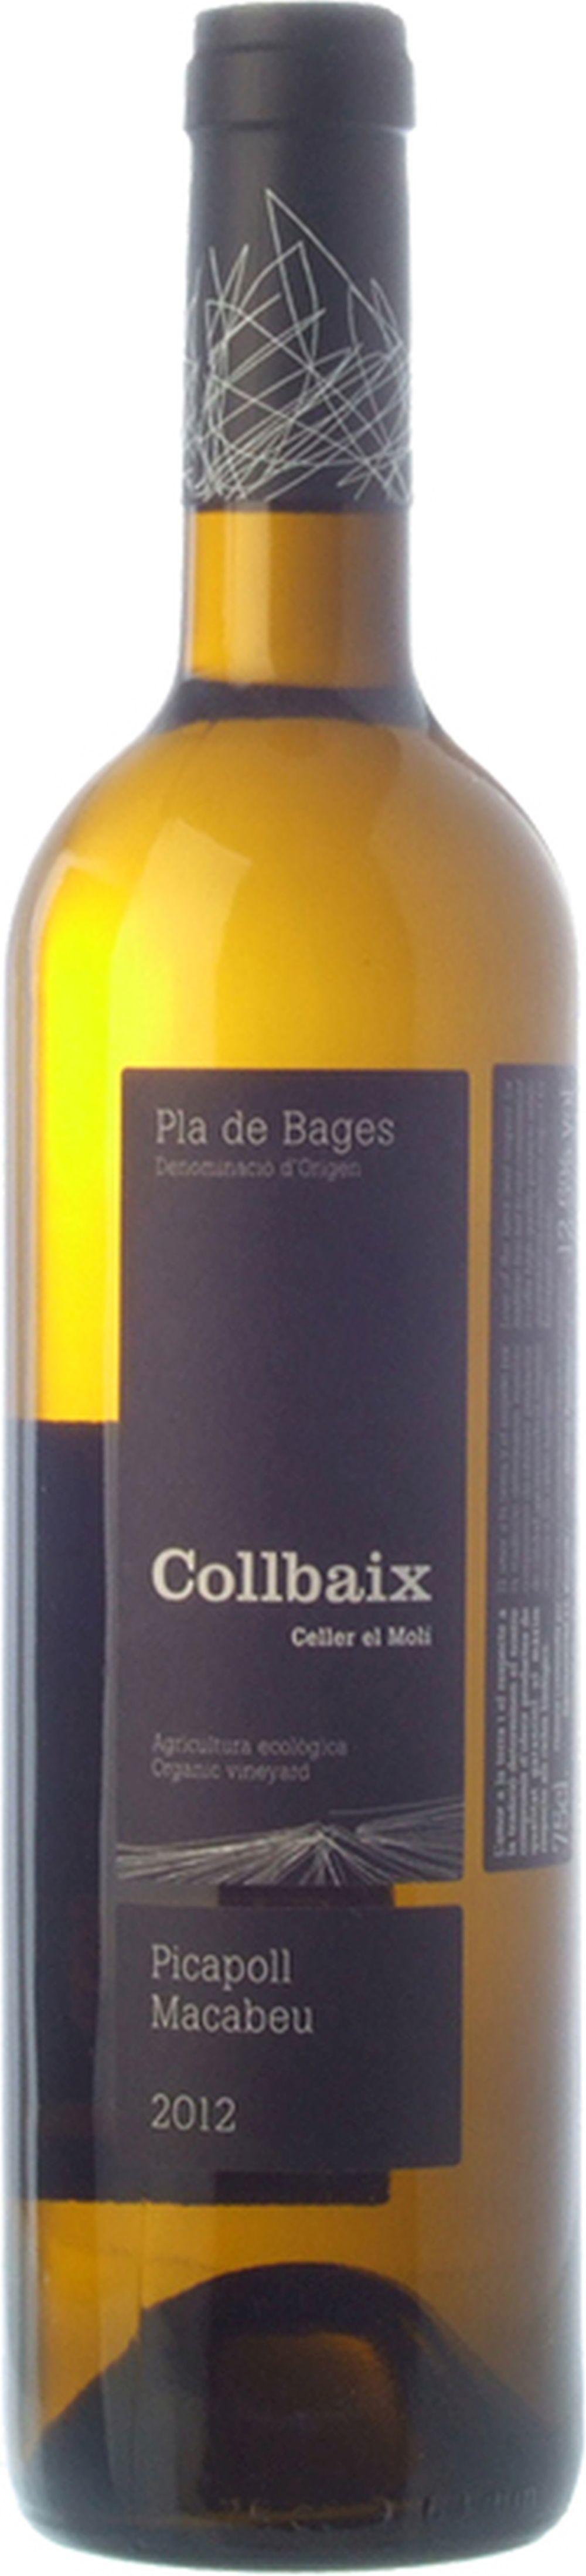 Blanc Picapoll Macabeu de la bodega Collbaix, vino blanco afrutado y...